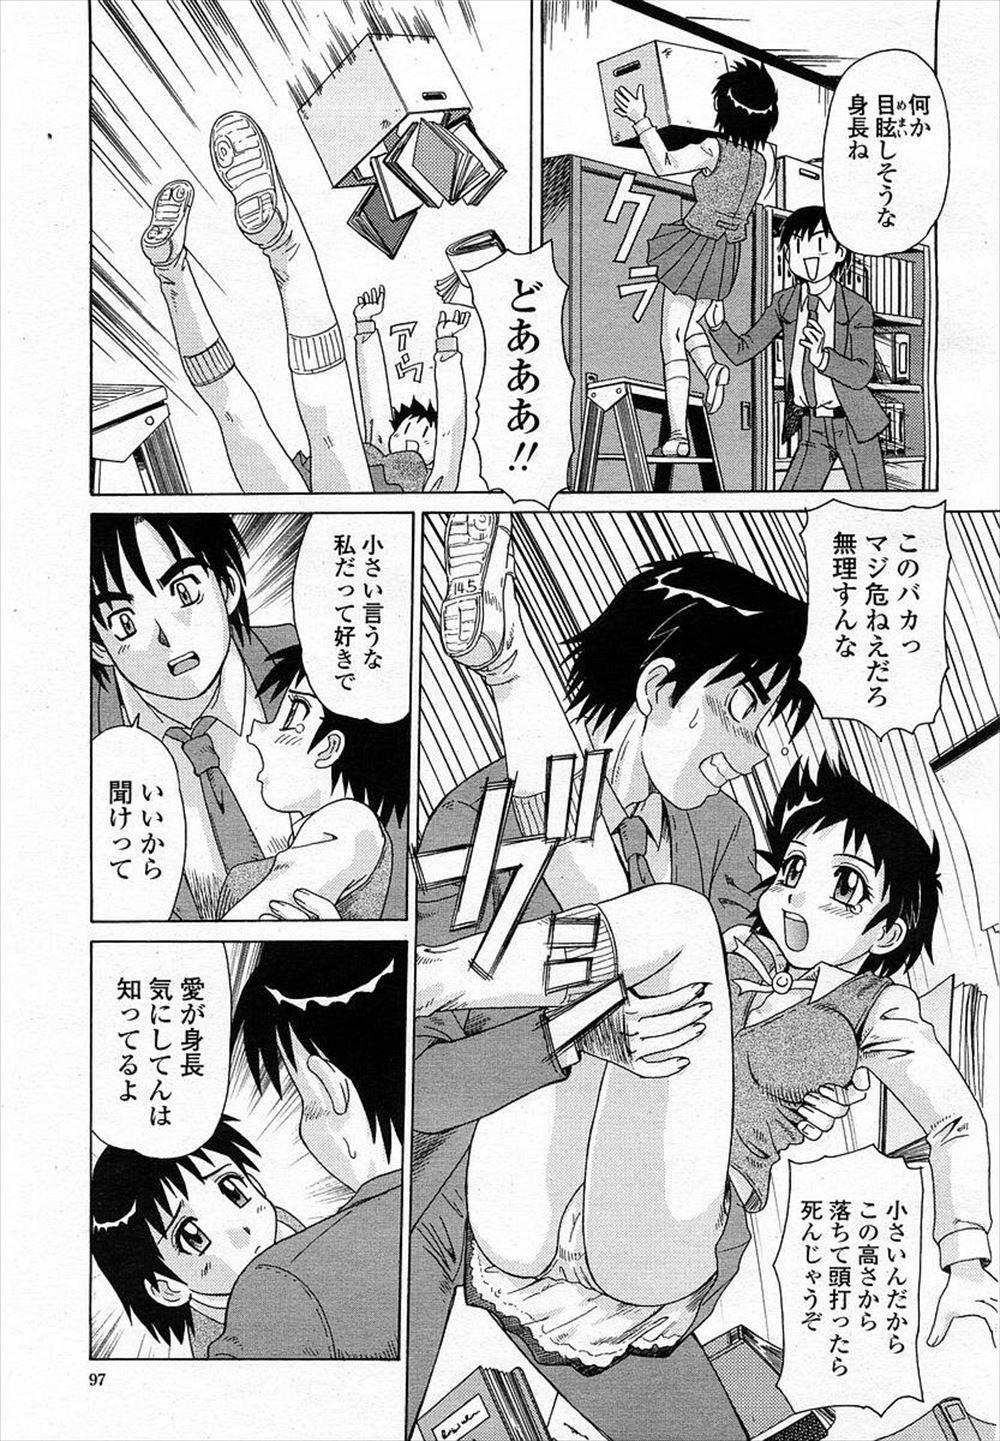 【エロ漫画】背の低いJKが彼氏に慰められ胸を揉まれ手マンクンニをされてしまうとイチャラブ中出しセックス【無料 エロ同人誌】 007